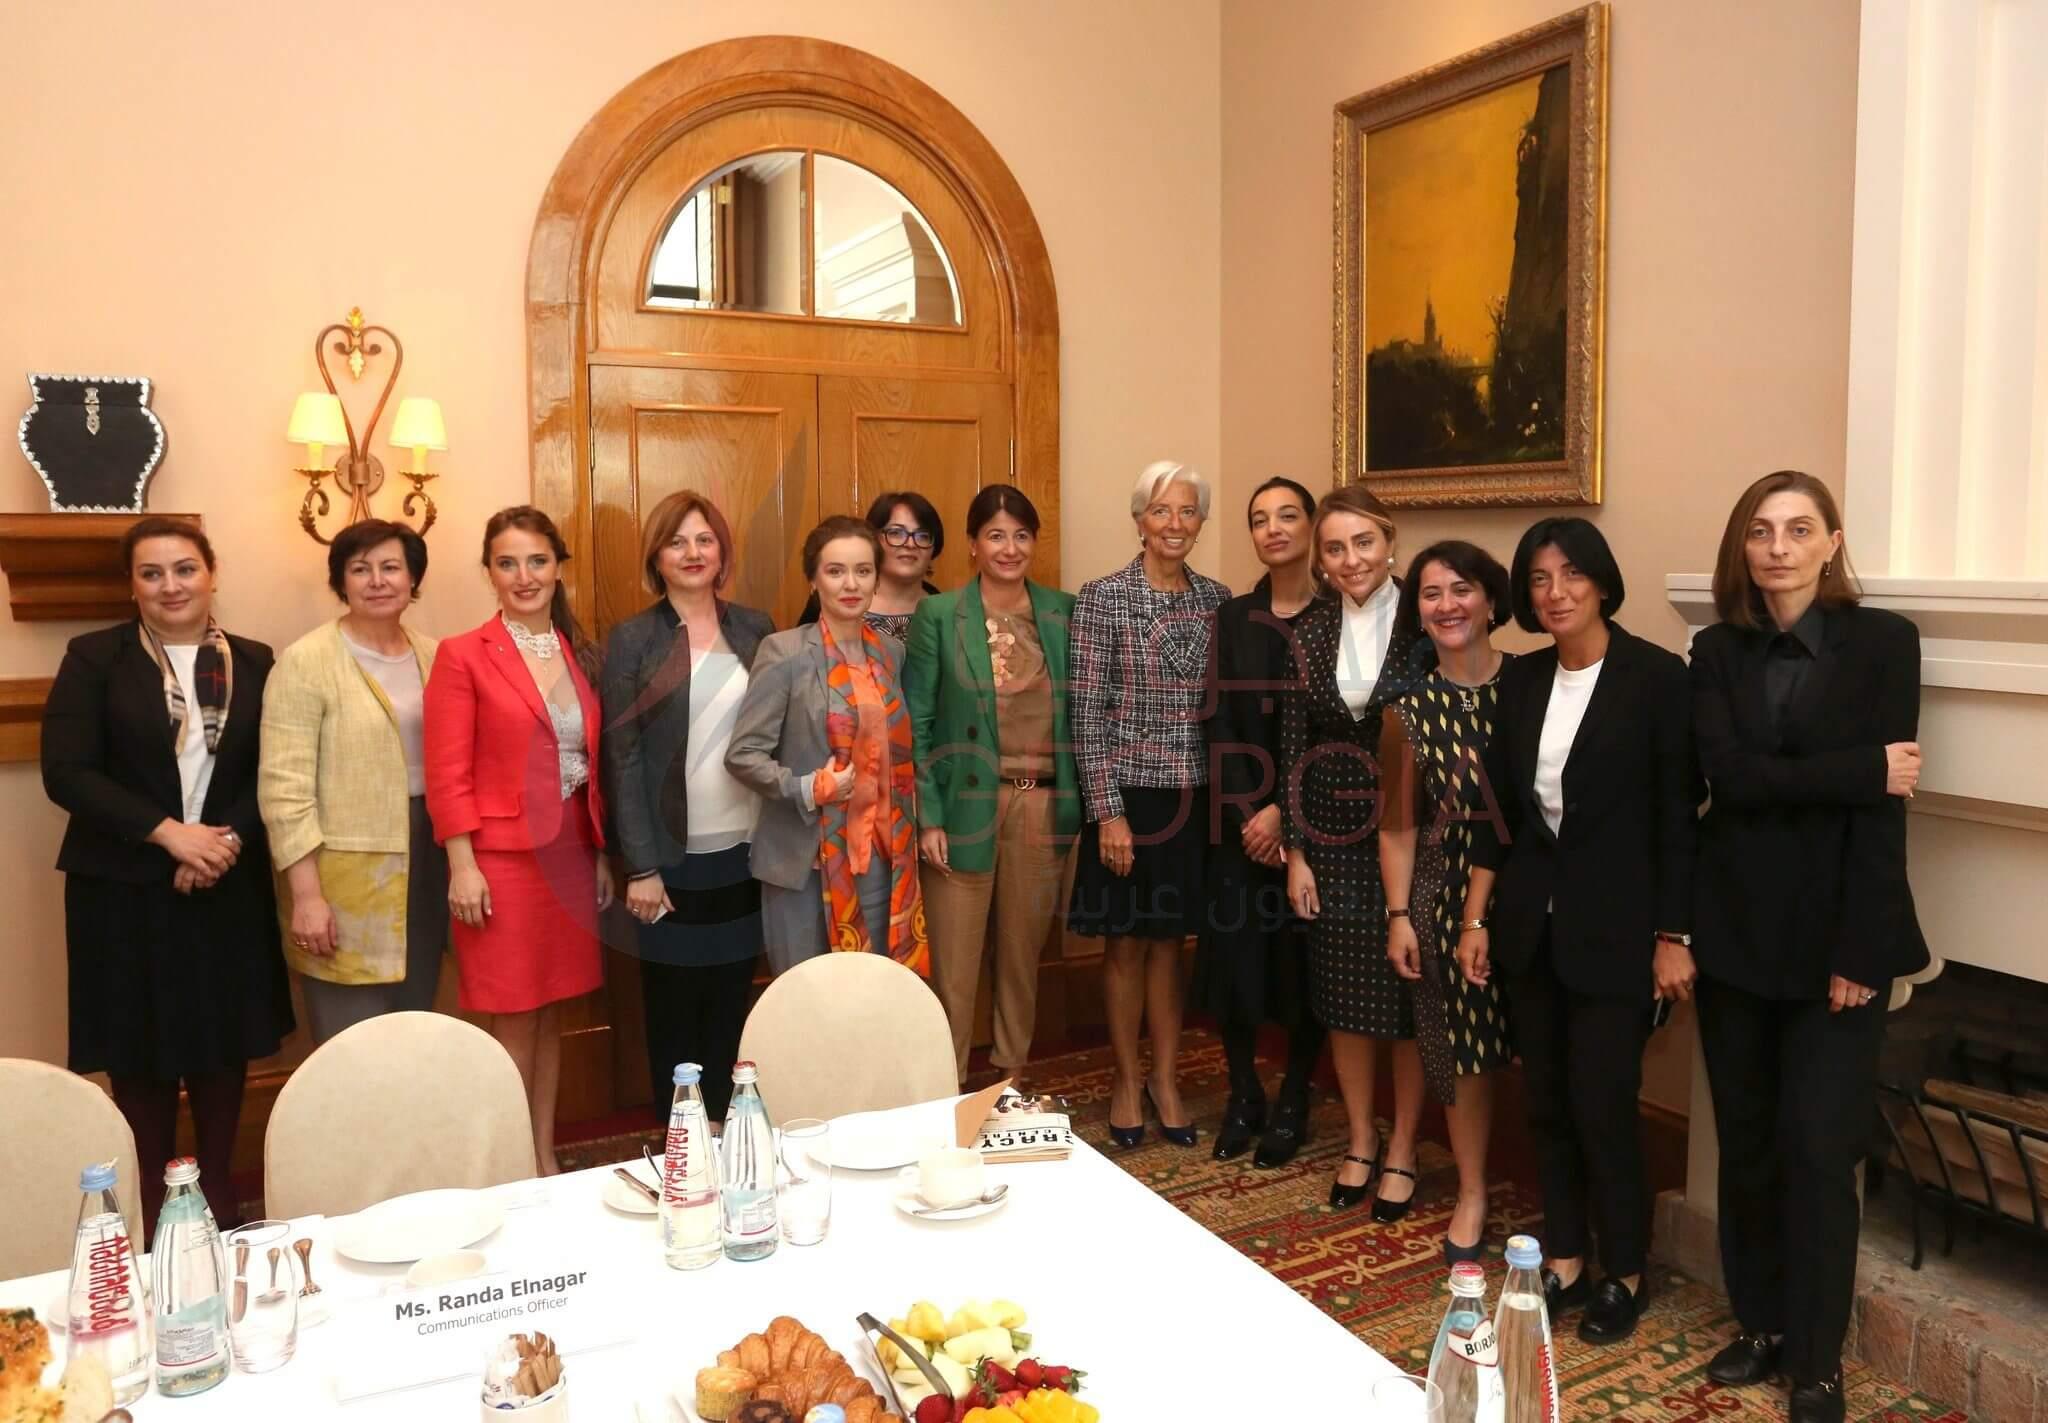 كرستين لاجارد في لقاء طلاب التعليم العالي: ستؤدي زيادة مشاركة المرأة في القوى العاملة إلى تحقيق مكاسب اقتصادية كبيرة لـ جورجيا (المصدر: حساب تويتر)